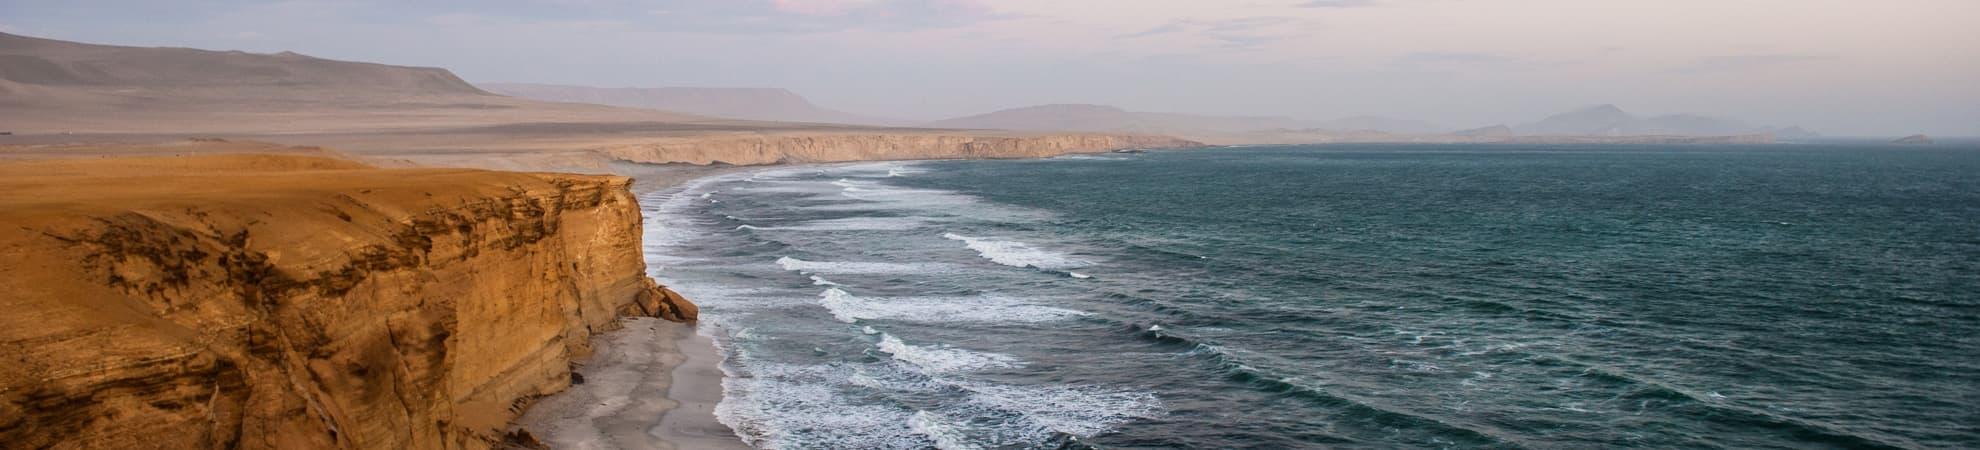 Voyage La région côtière du Pérou